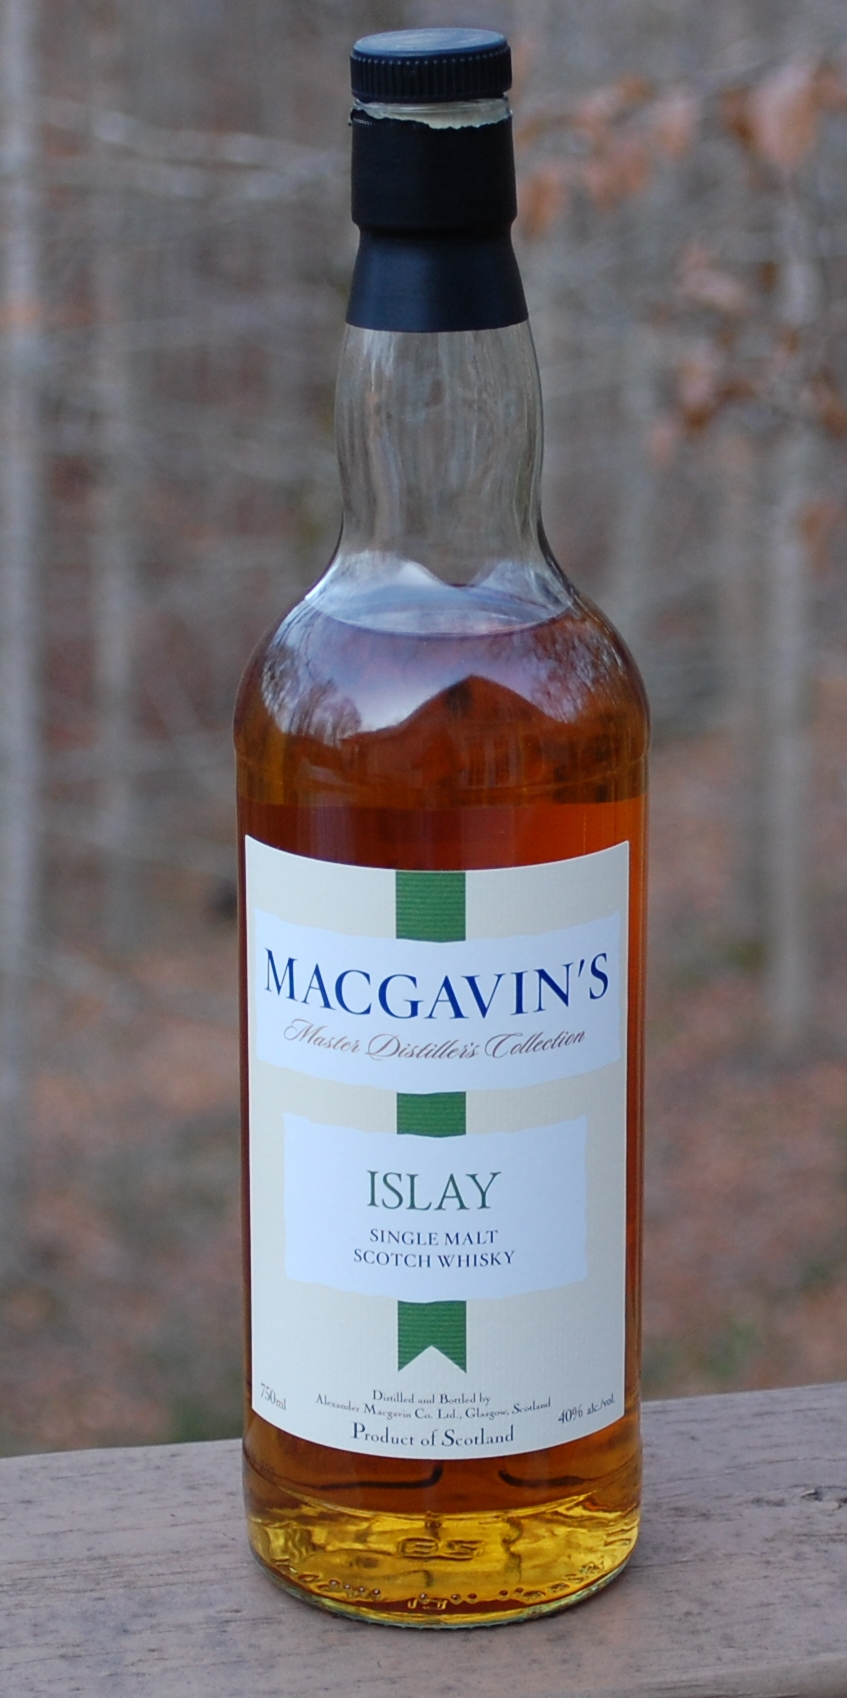 Macgavins Islay Single Malt